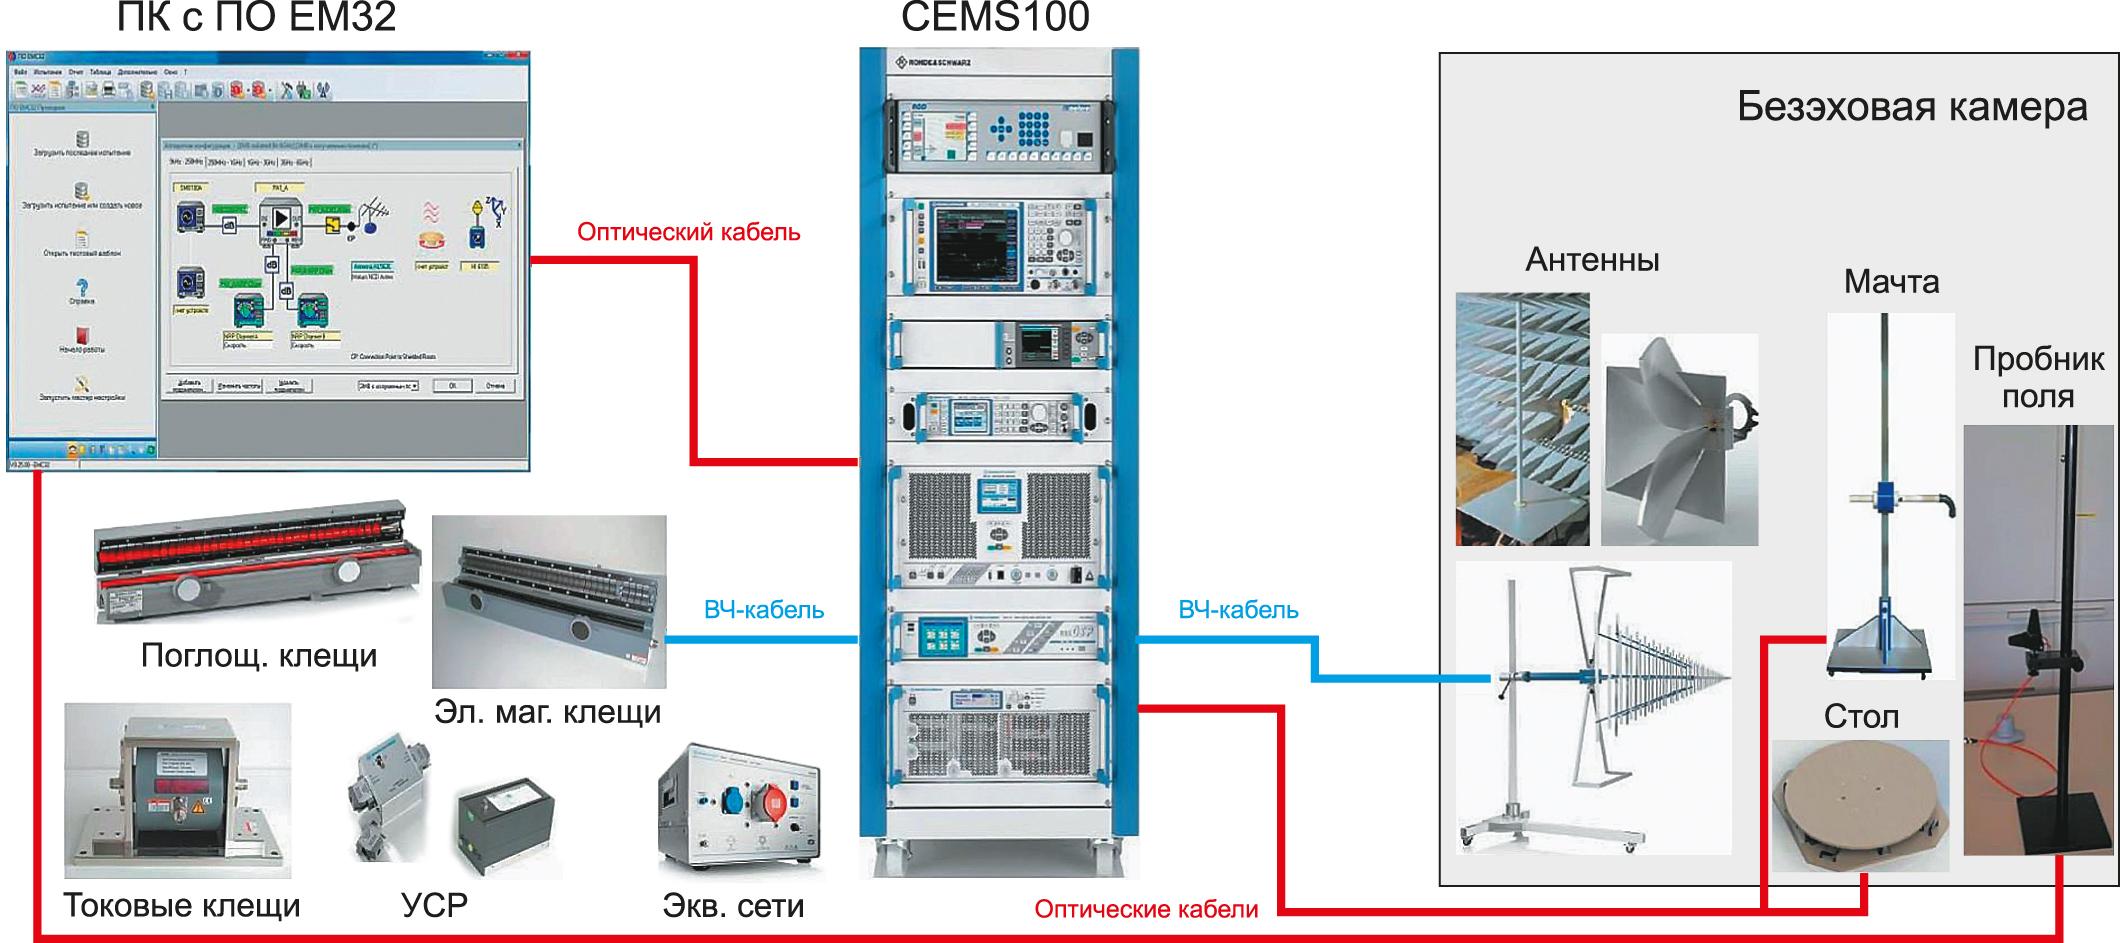 Структурная схема модулей М1, М2, М17 МССИИ ЭМС